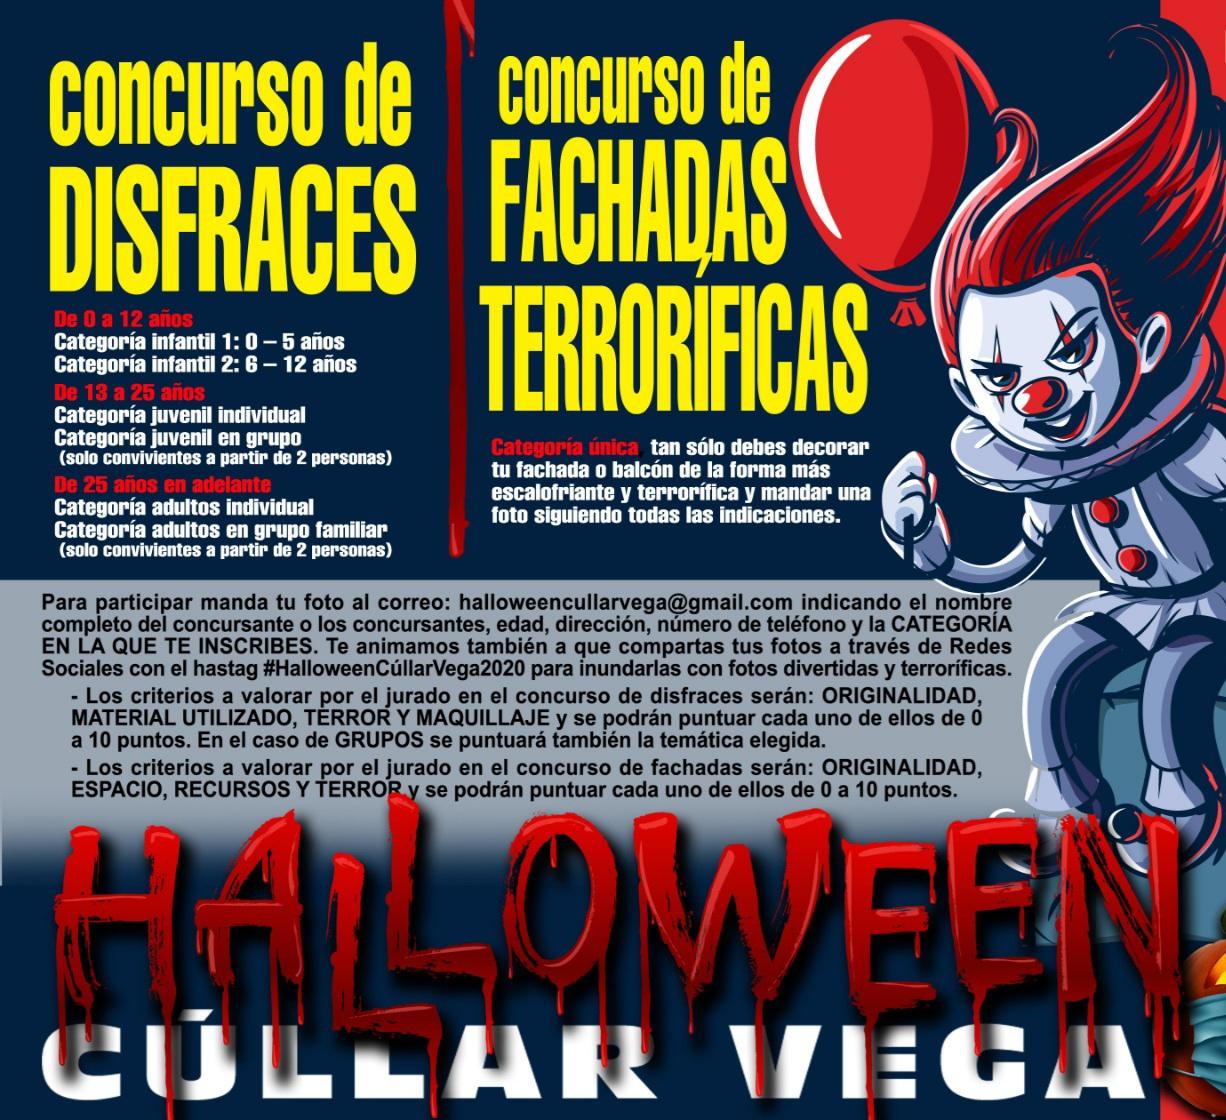 Cúllar Vega organiza un concurso de fachadas terroríficas y de disfraces para celebrar su primer Halloween virtual